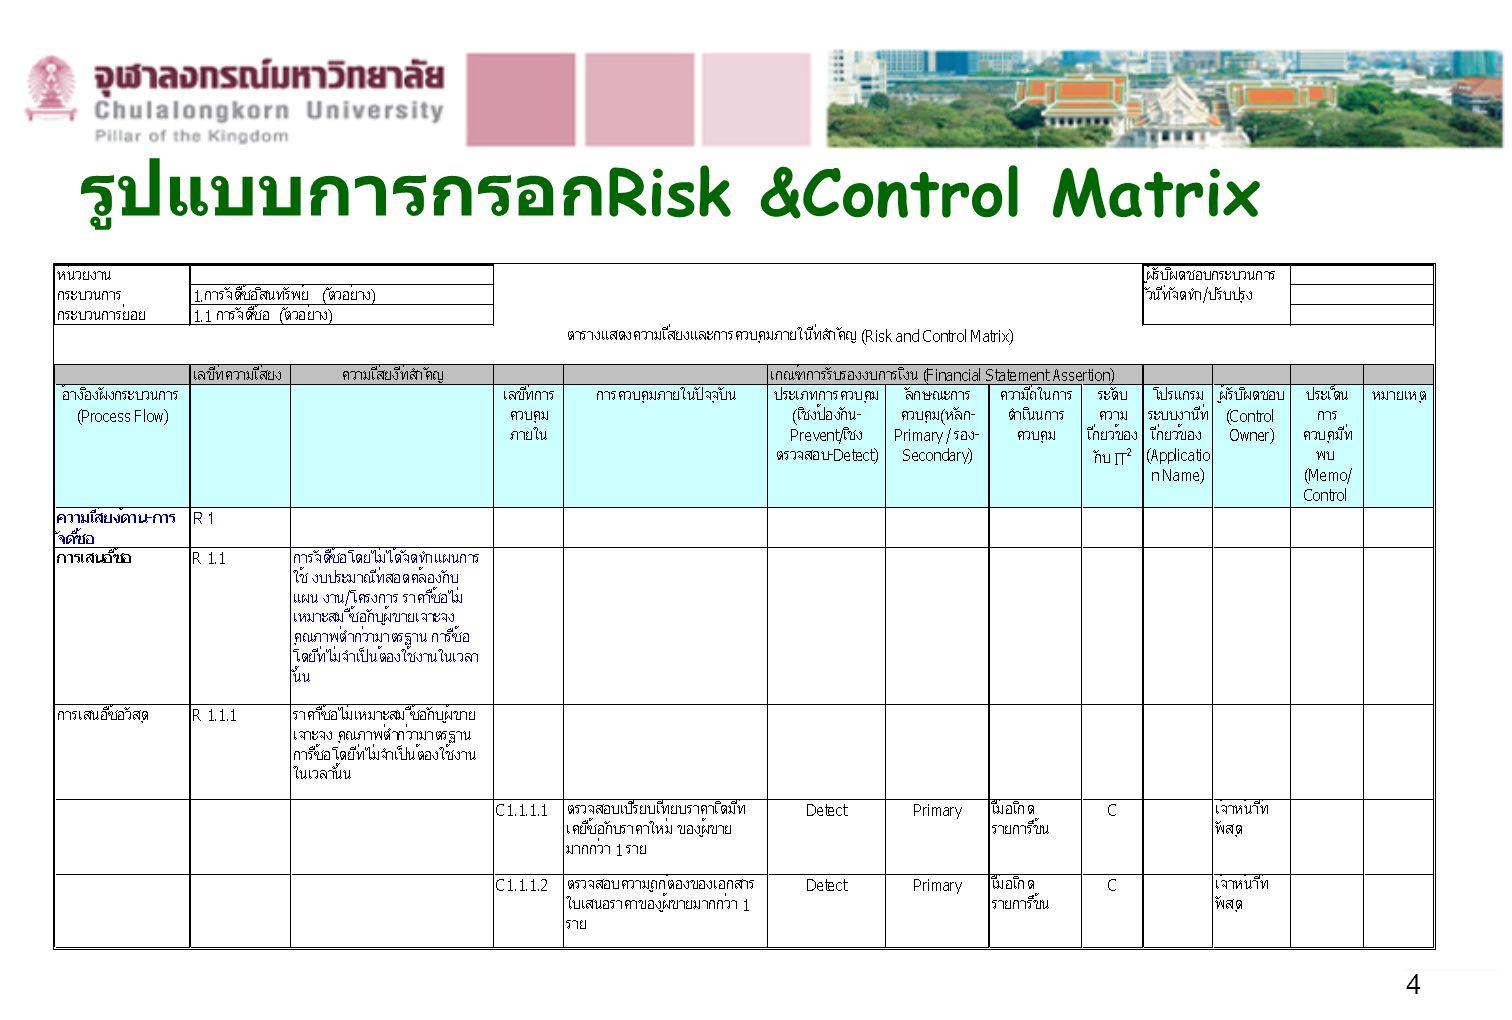 4 รูปแบบการกรอก Risk &Control Matrix